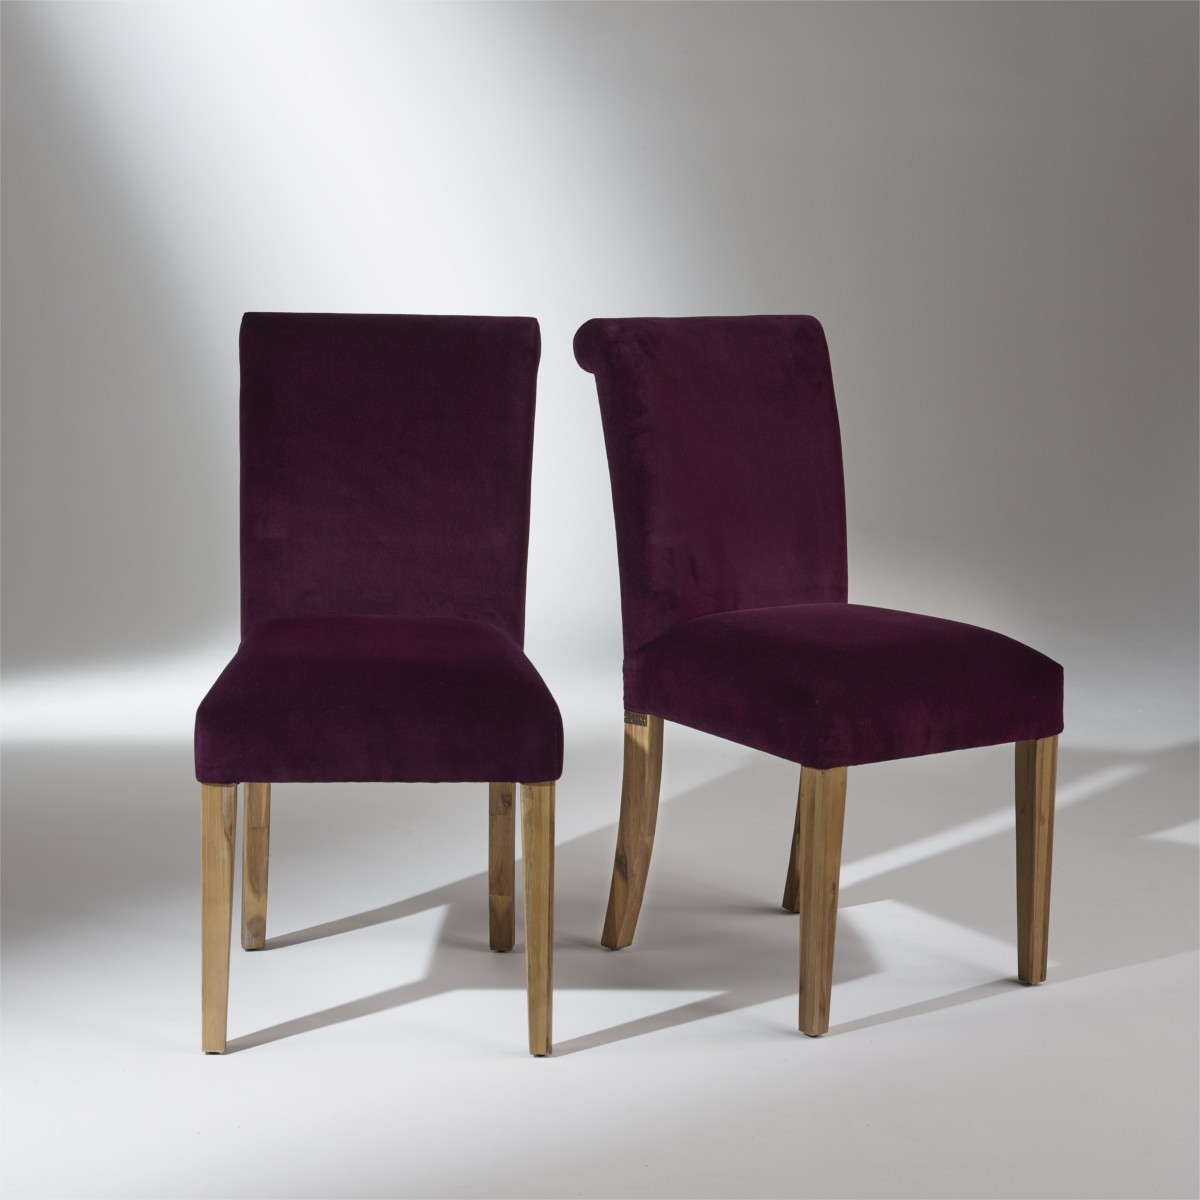 2 chaises de table en velours pieds bois velours alix Chaises fauteuil salle a manger